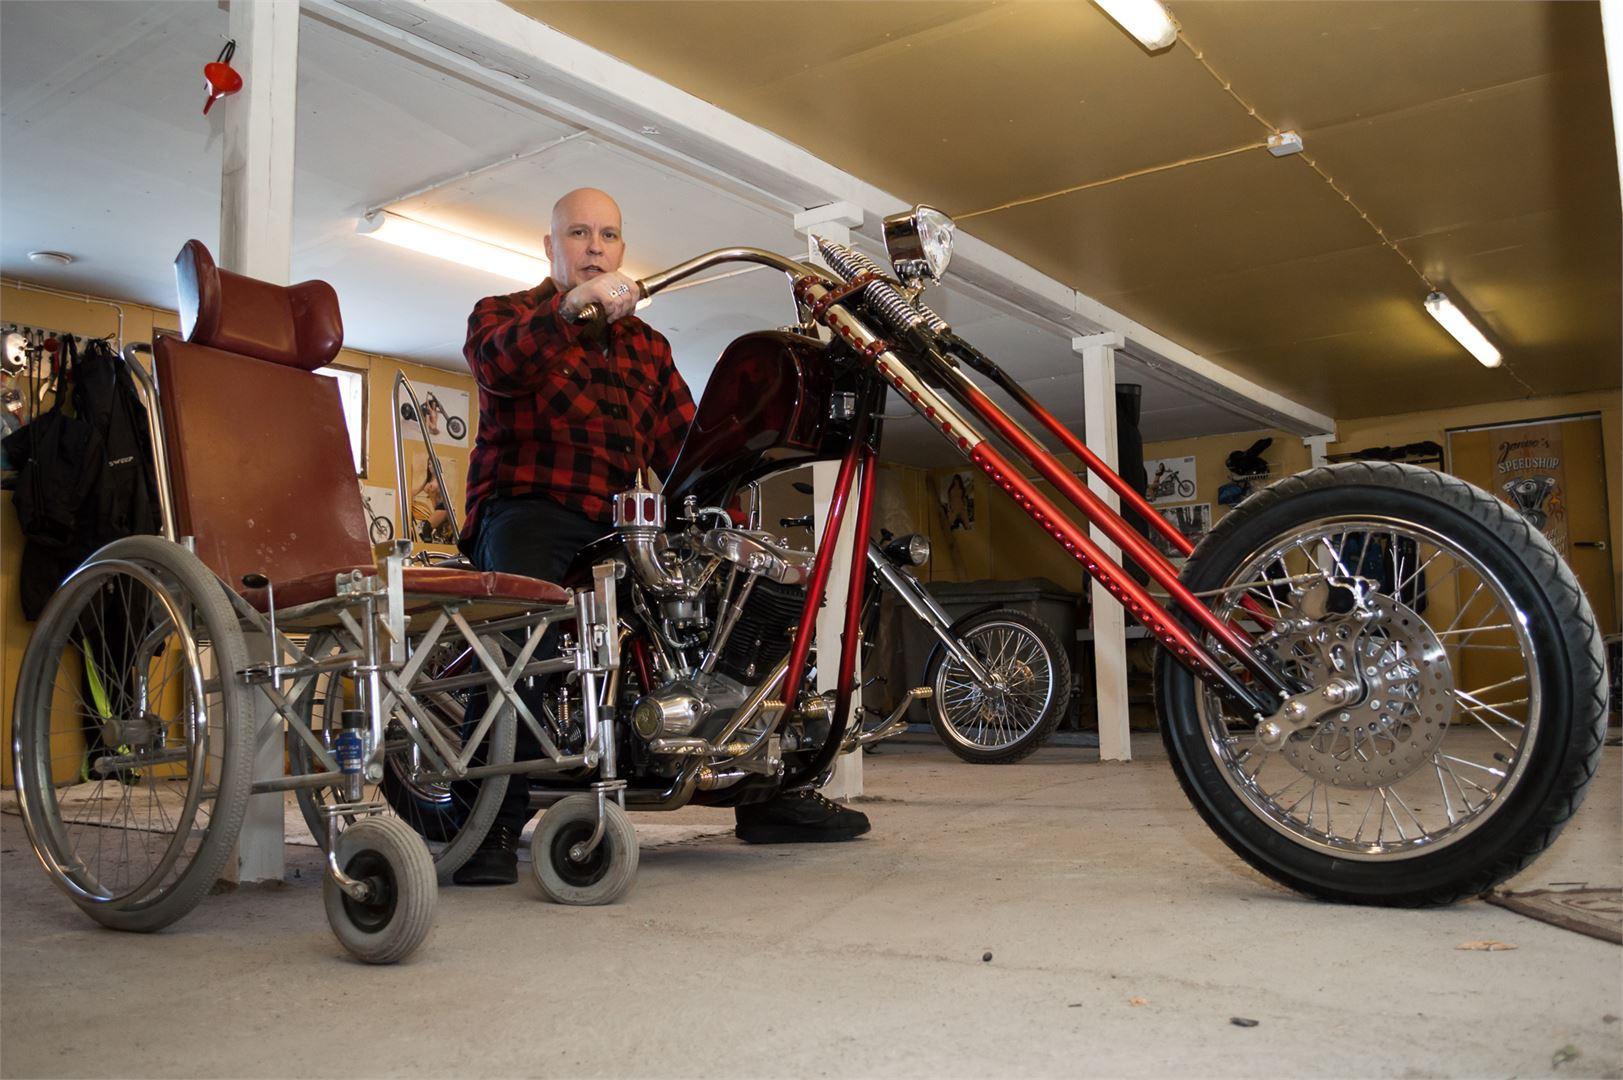 Anttila rakensi kolaripyörän uudestaan pyörätuolista käsin.